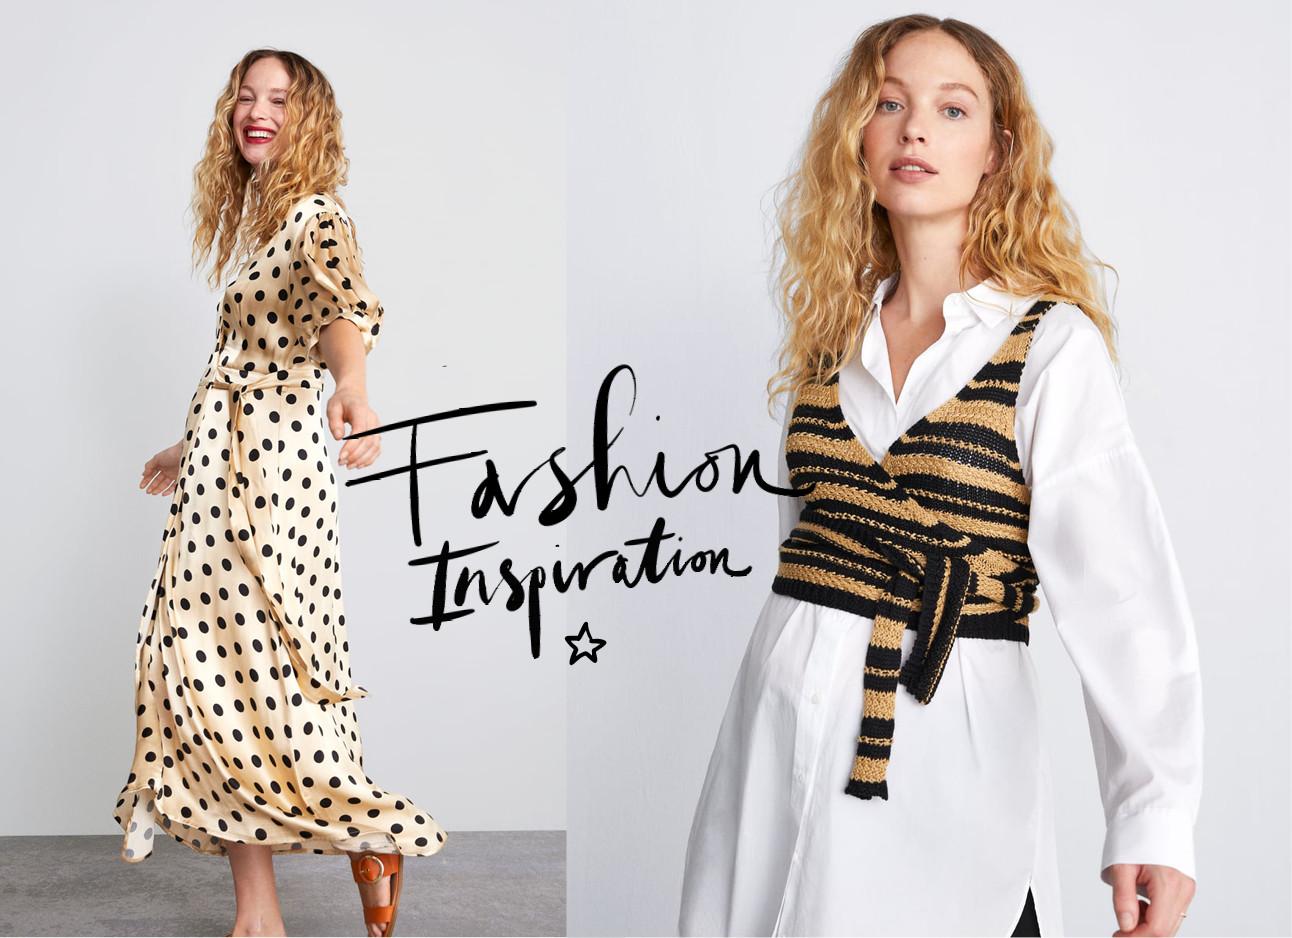 zara mum collectie zwanger model in jurk en blouse met top erover heen tekst fashion inspiration